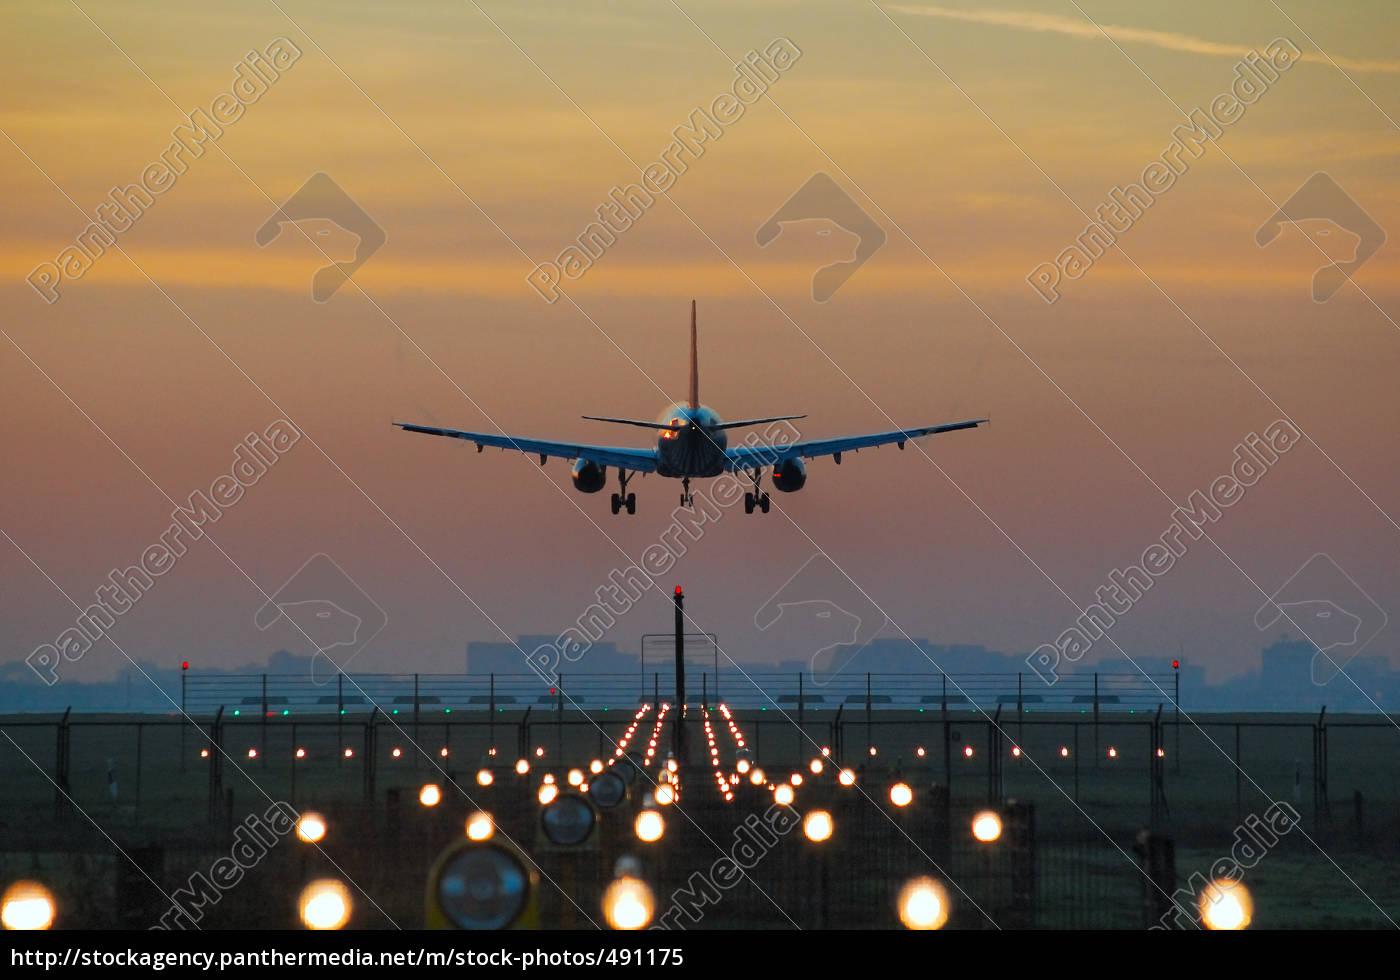 aterrizaje - 491175